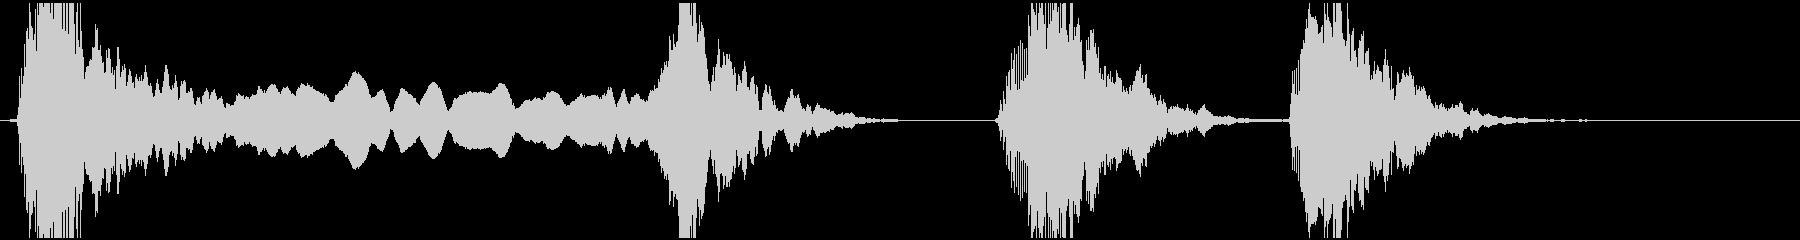 ワオーン、ワンワンワンの未再生の波形